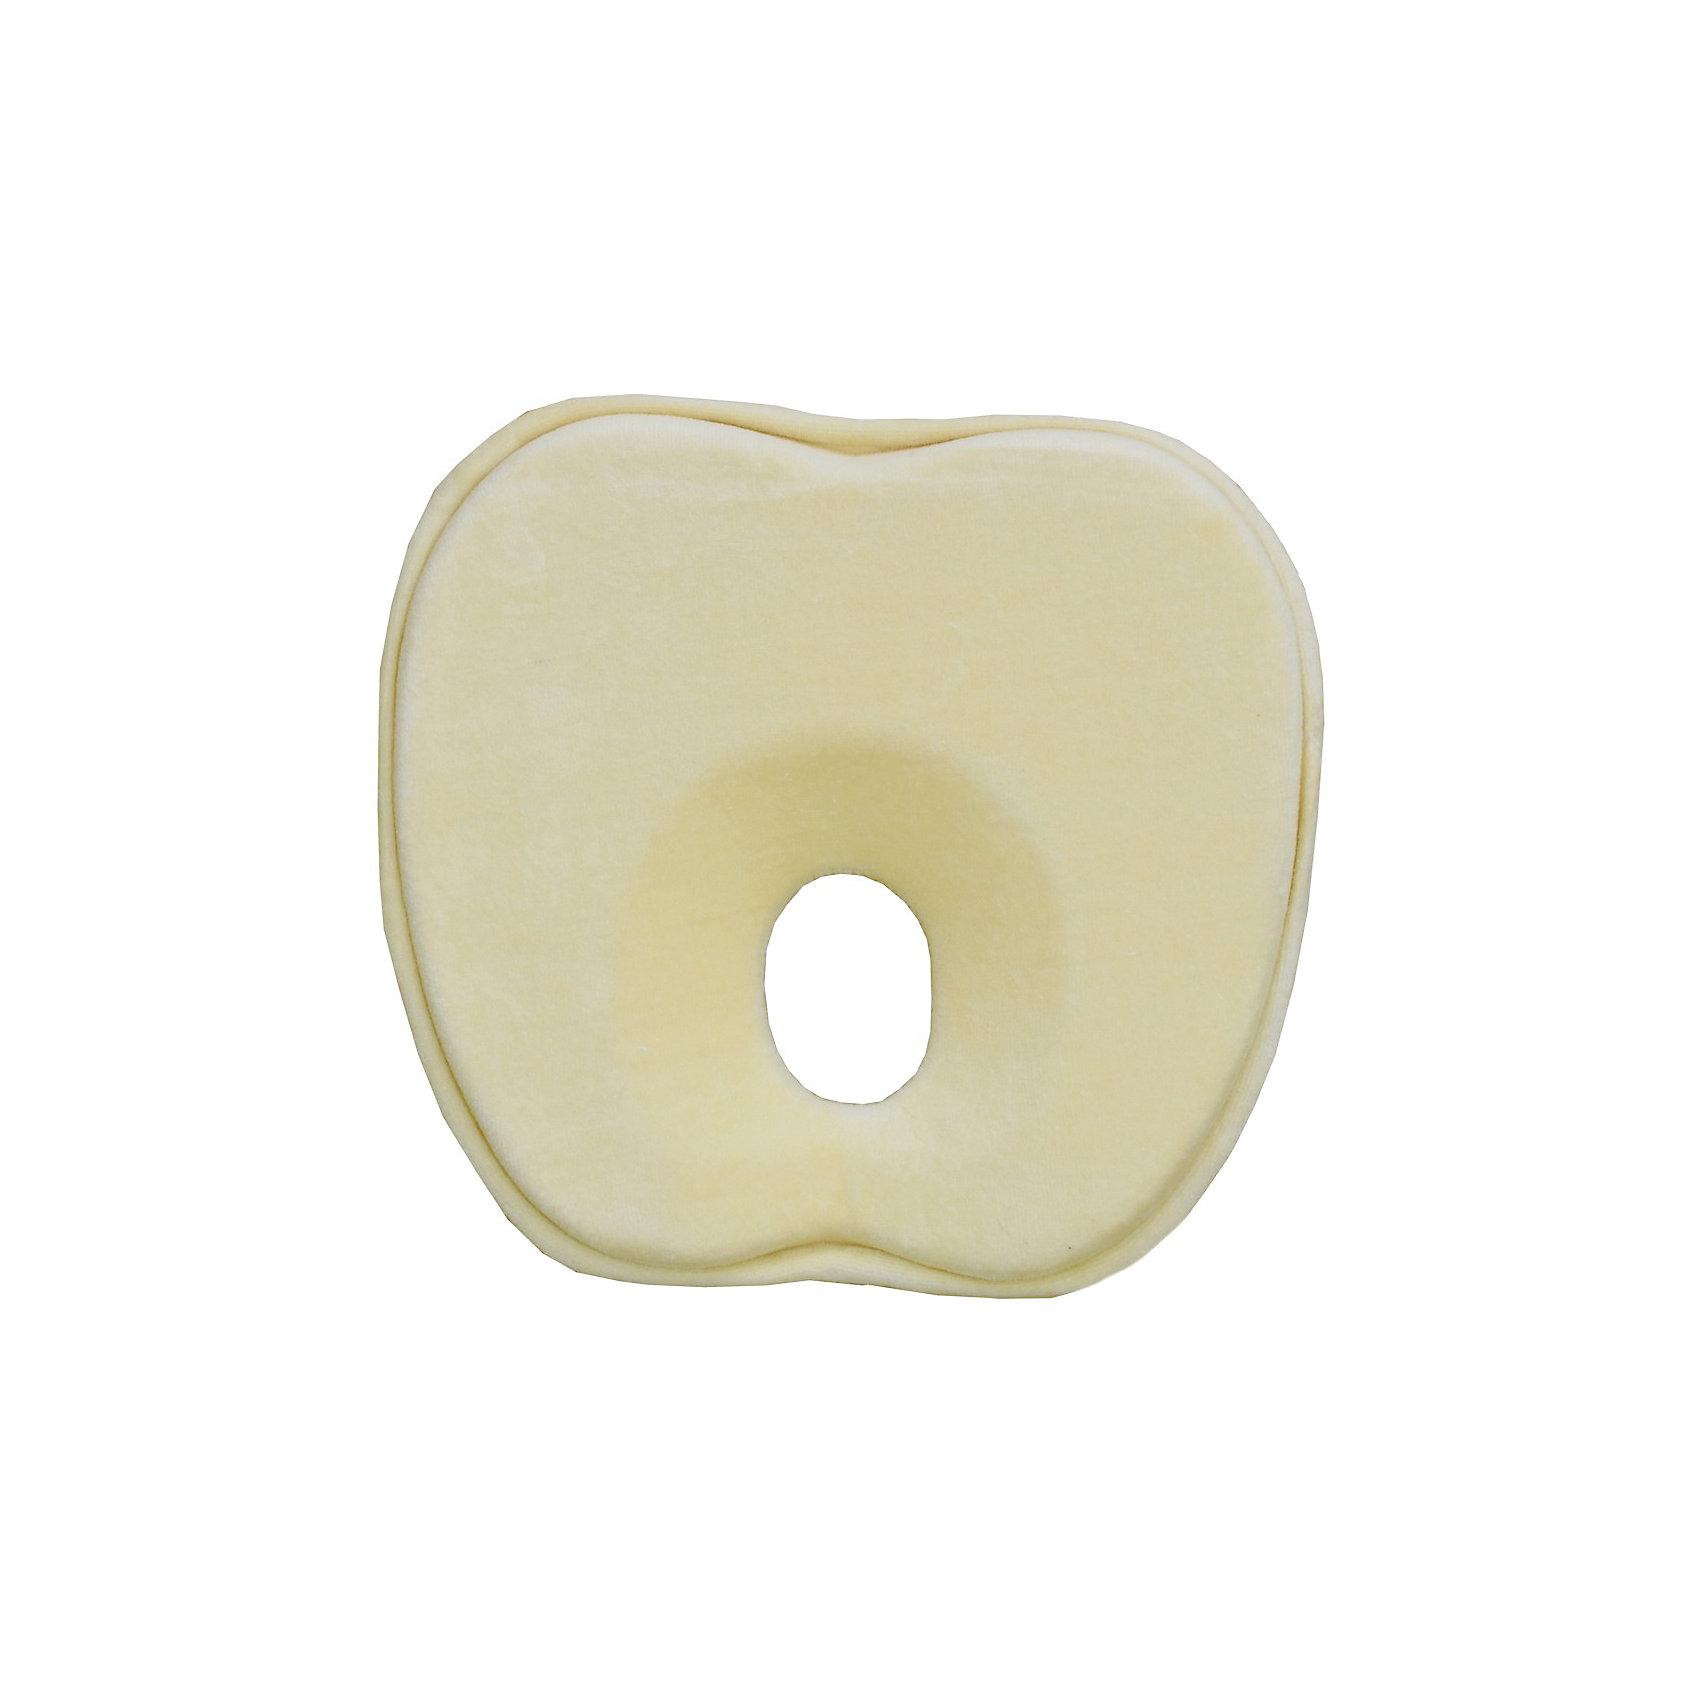 Подушка с наполнителем из латекса, Baby Nice, жёлтыйПодушка с наполнителем из латекса универсальная.<br><br>Дополнительная информация:<br><br>Размер 24х24х3 см<br>Наполнитель: латекс<br>Вес в упаковке: 500 г.<br>Размер упаковки: 200 х 200 х 40 мм.<br><br>Подушку с наполнителем из латекса, жёлтая можно купить в нашем магазине.<br><br>Ширина мм: 200<br>Глубина мм: 200<br>Высота мм: 40<br>Вес г: 500<br>Возраст от месяцев: 0<br>Возраст до месяцев: 6<br>Пол: Унисекс<br>Возраст: Детский<br>SKU: 3788223